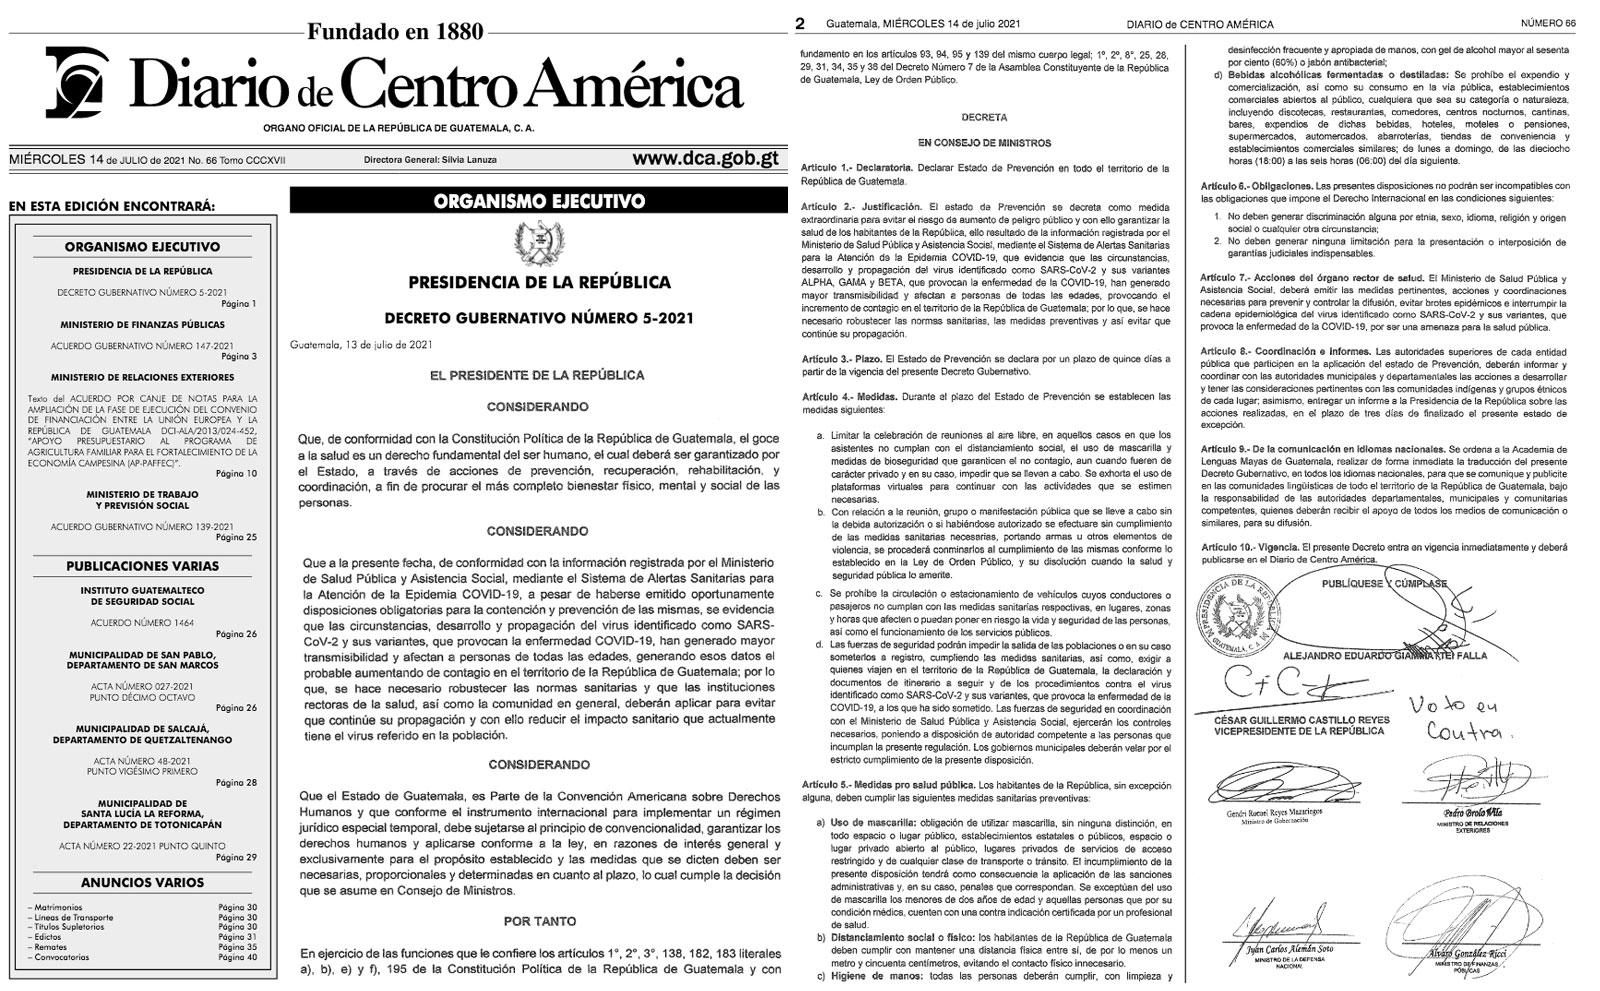 Decreto 5-2021, estado de Prevención